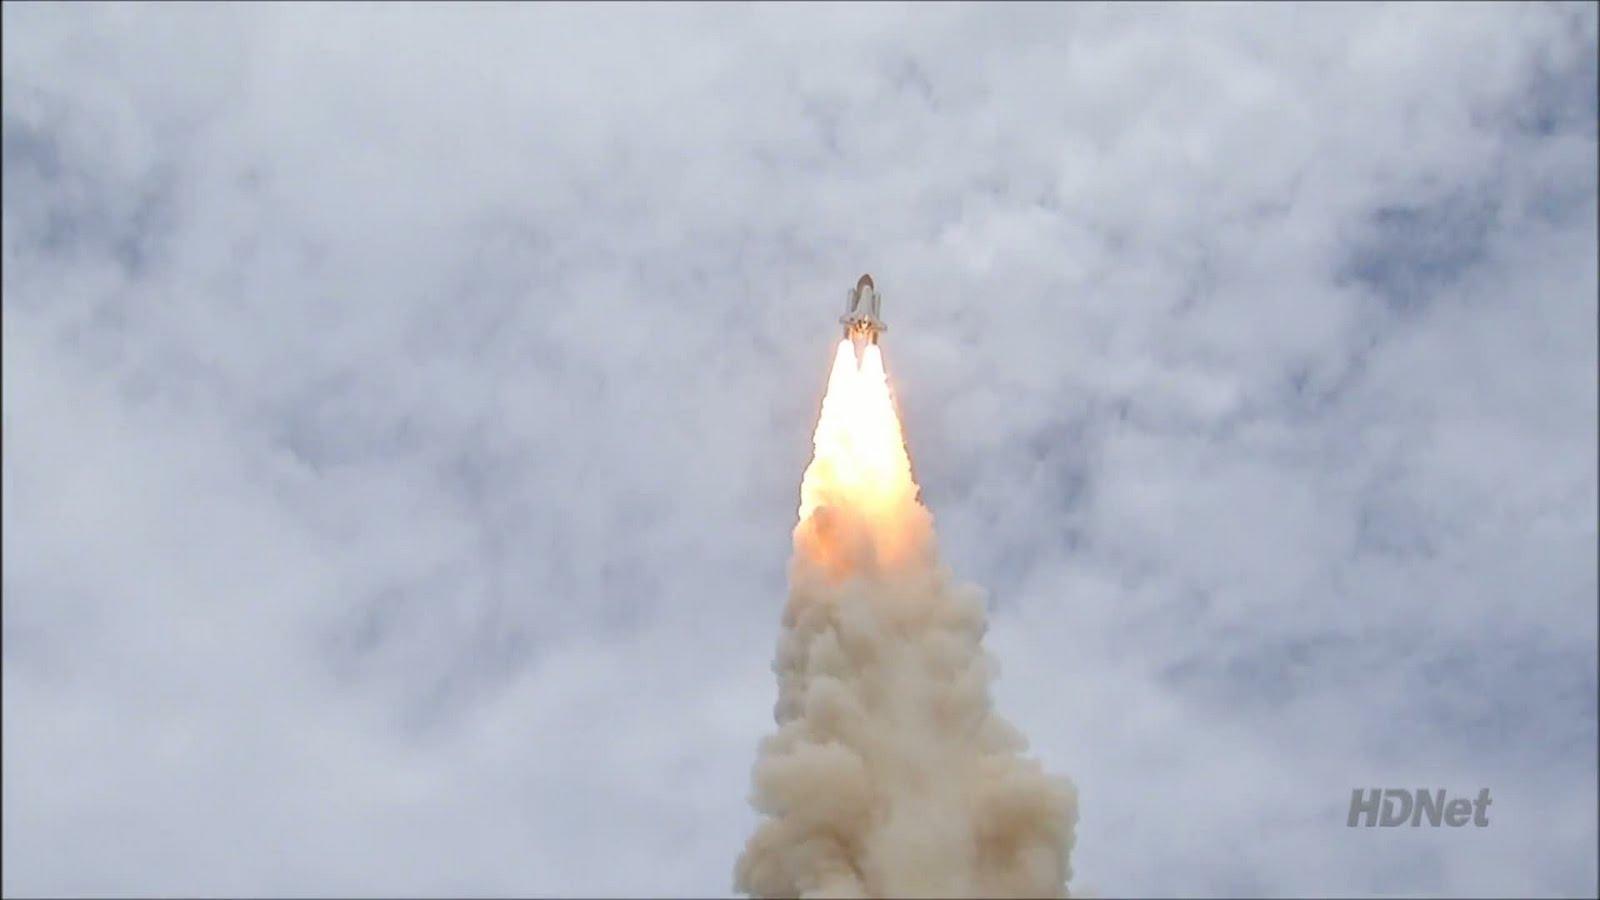 Space Shuttle Atlantis Last Mission - Pics about space